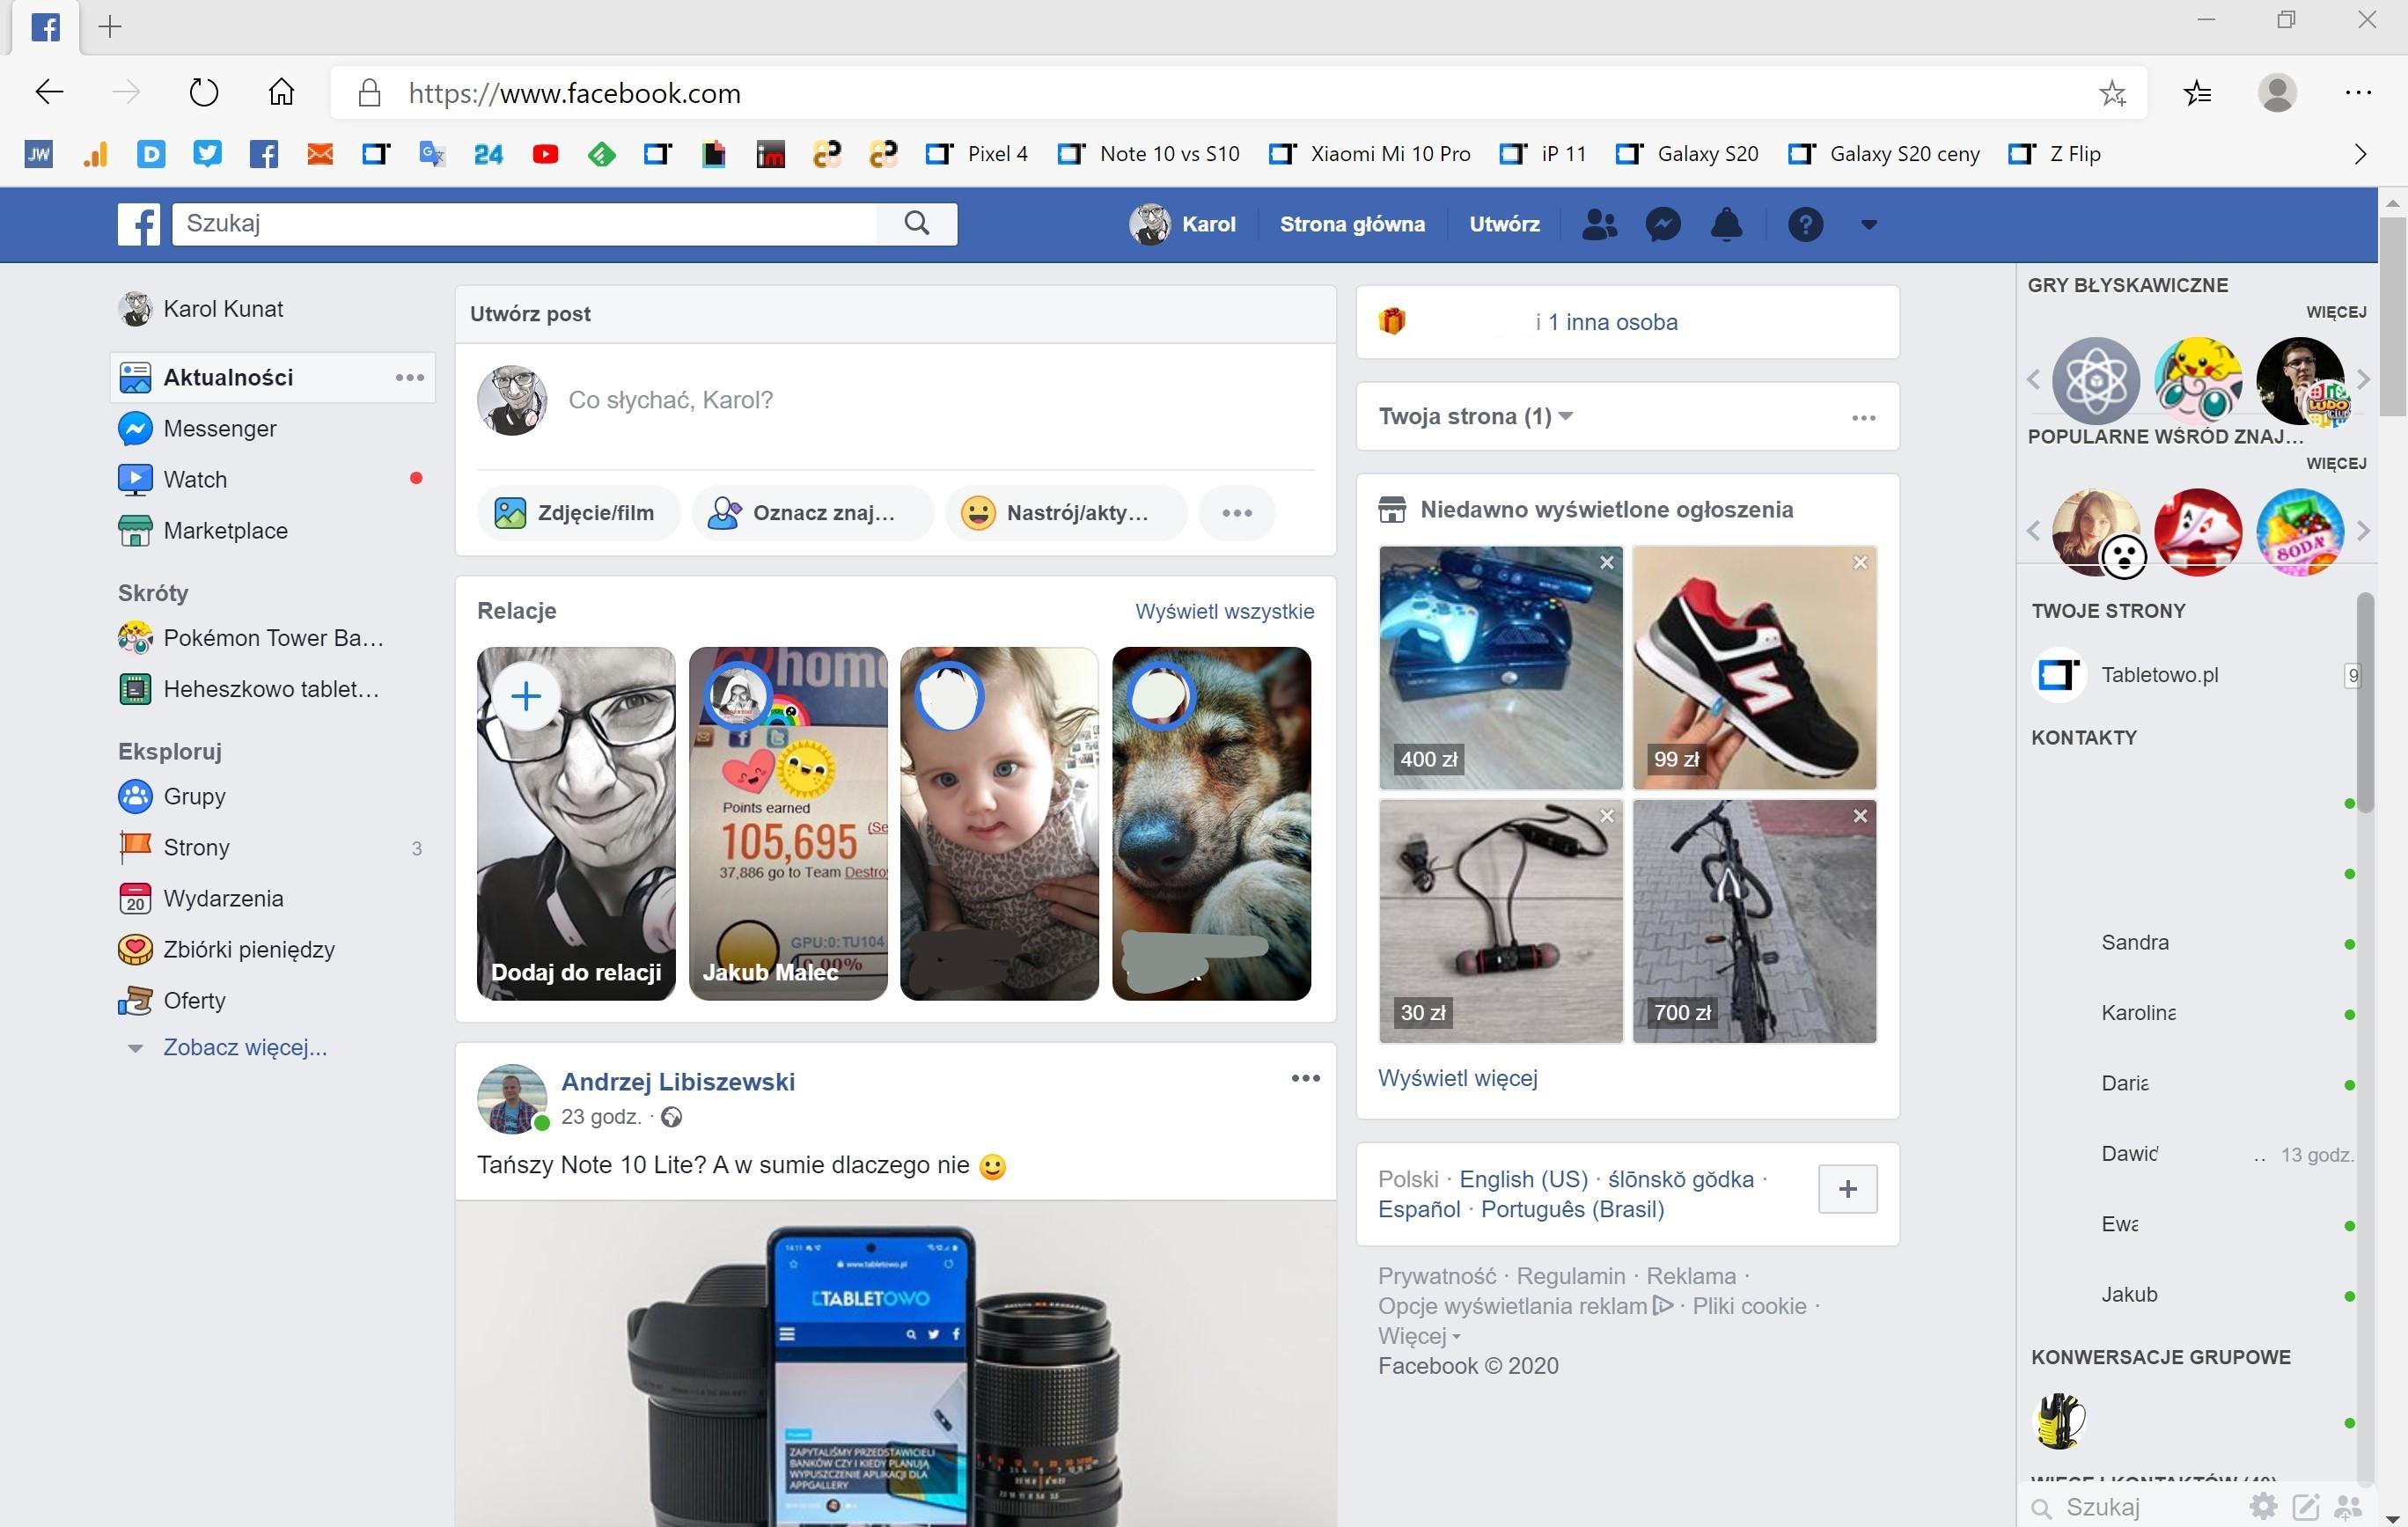 Nowy Facebook już u polskich użytkowników serwisu: odświeżony wygląd i ciemny motyw 21